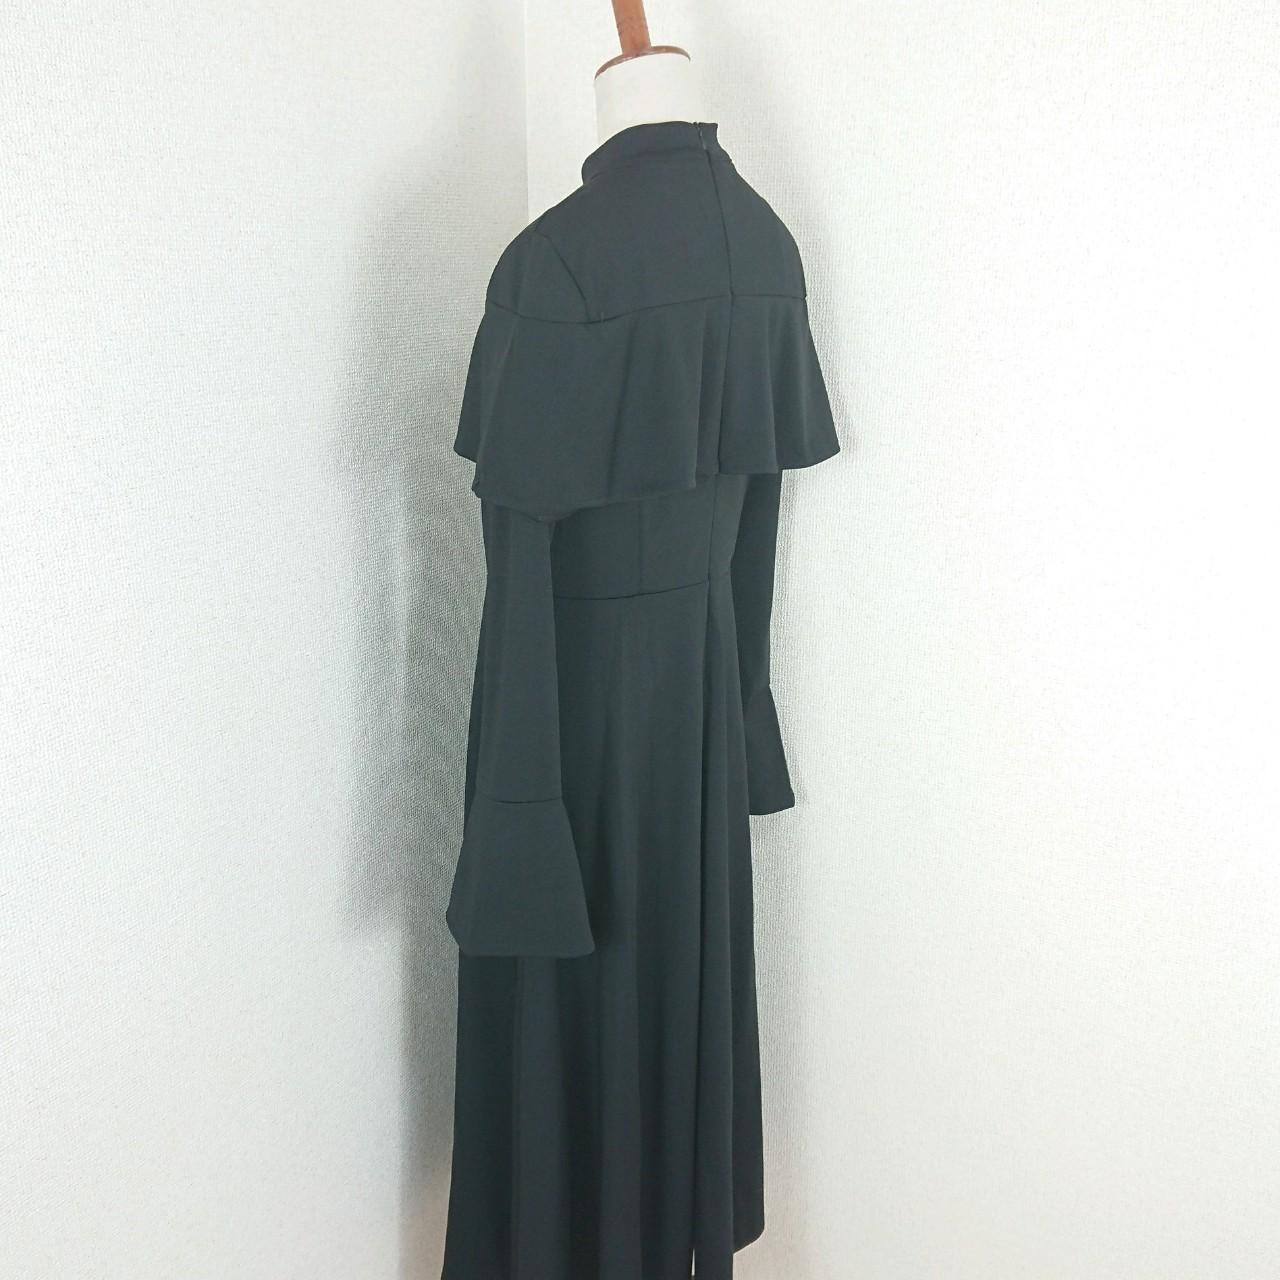 【即納】韓国 ファッション ワンピース パーティードレス ロング マキシ 秋 冬 パーティー ブライダル SPTXC533 結婚式 お呼ばれ ハイネック オフショルダー風 ベ 二次会 セレブ きれいめの写真15枚目